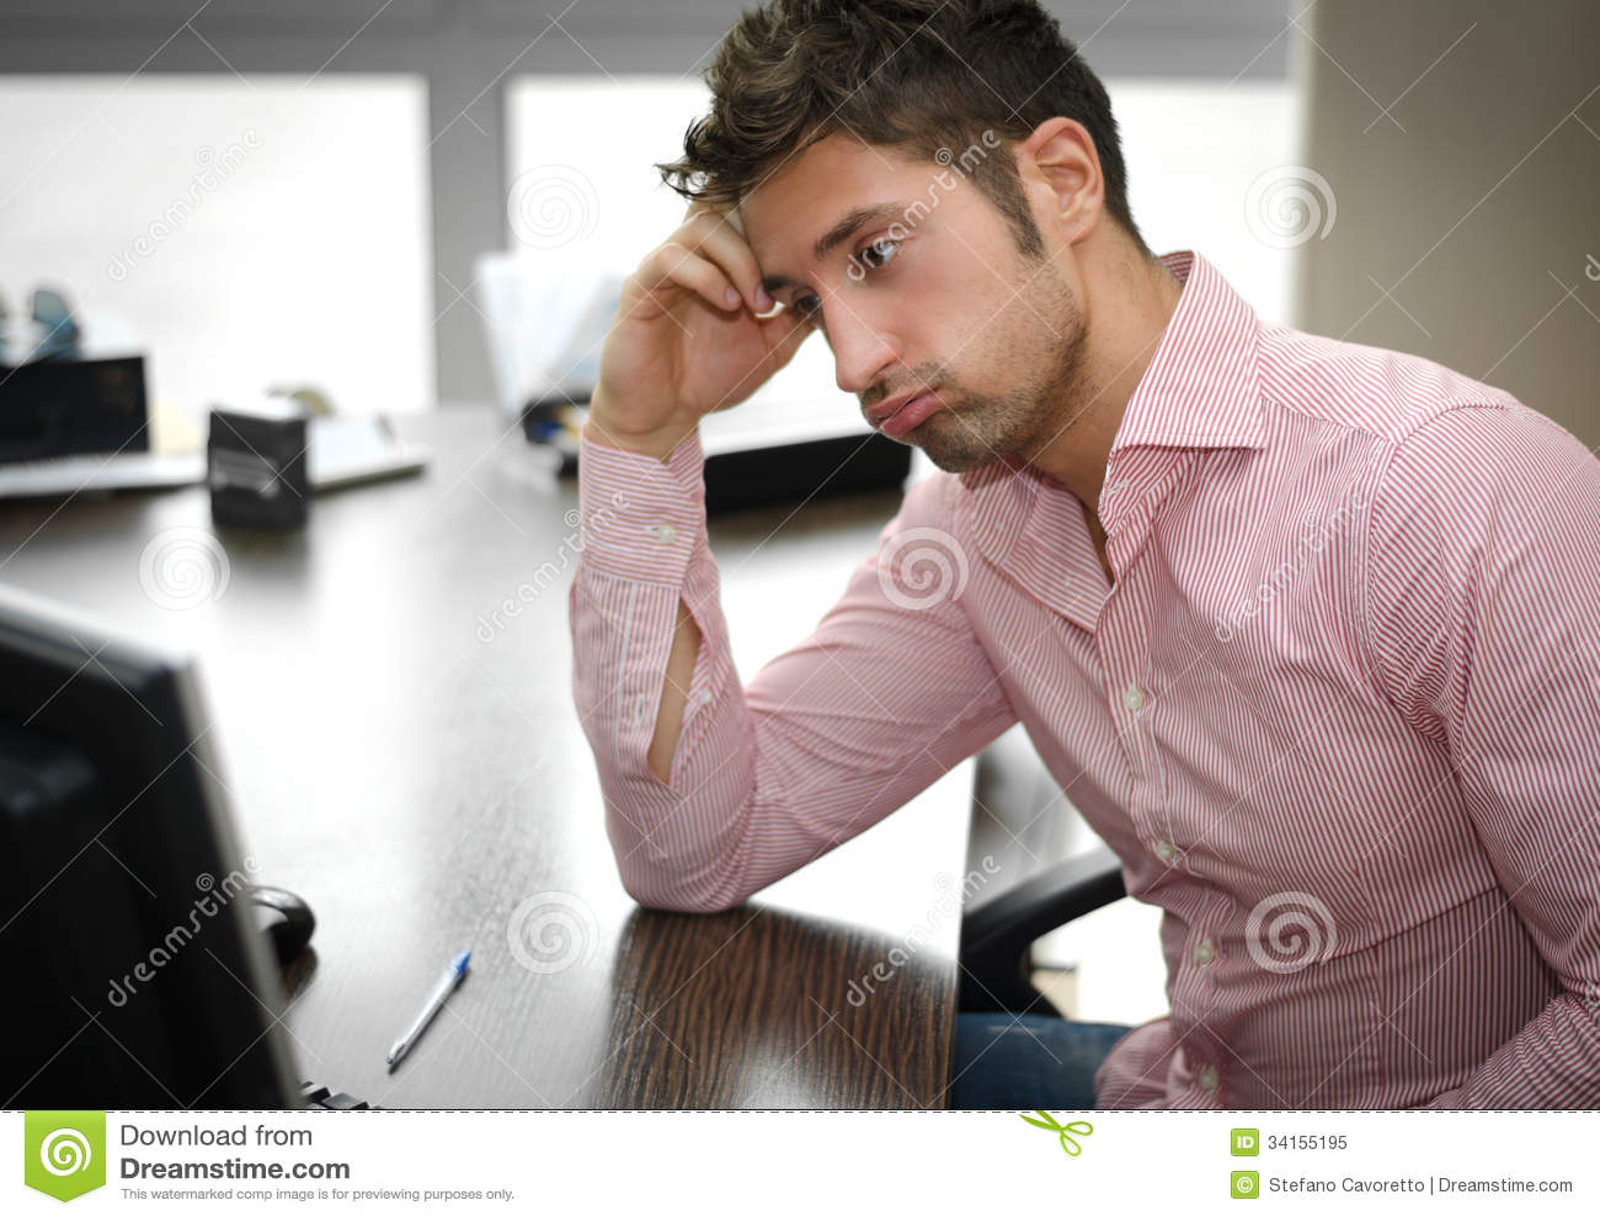 Müder oder frustrierter Büroangestellter, der Bildschirm betrachtet